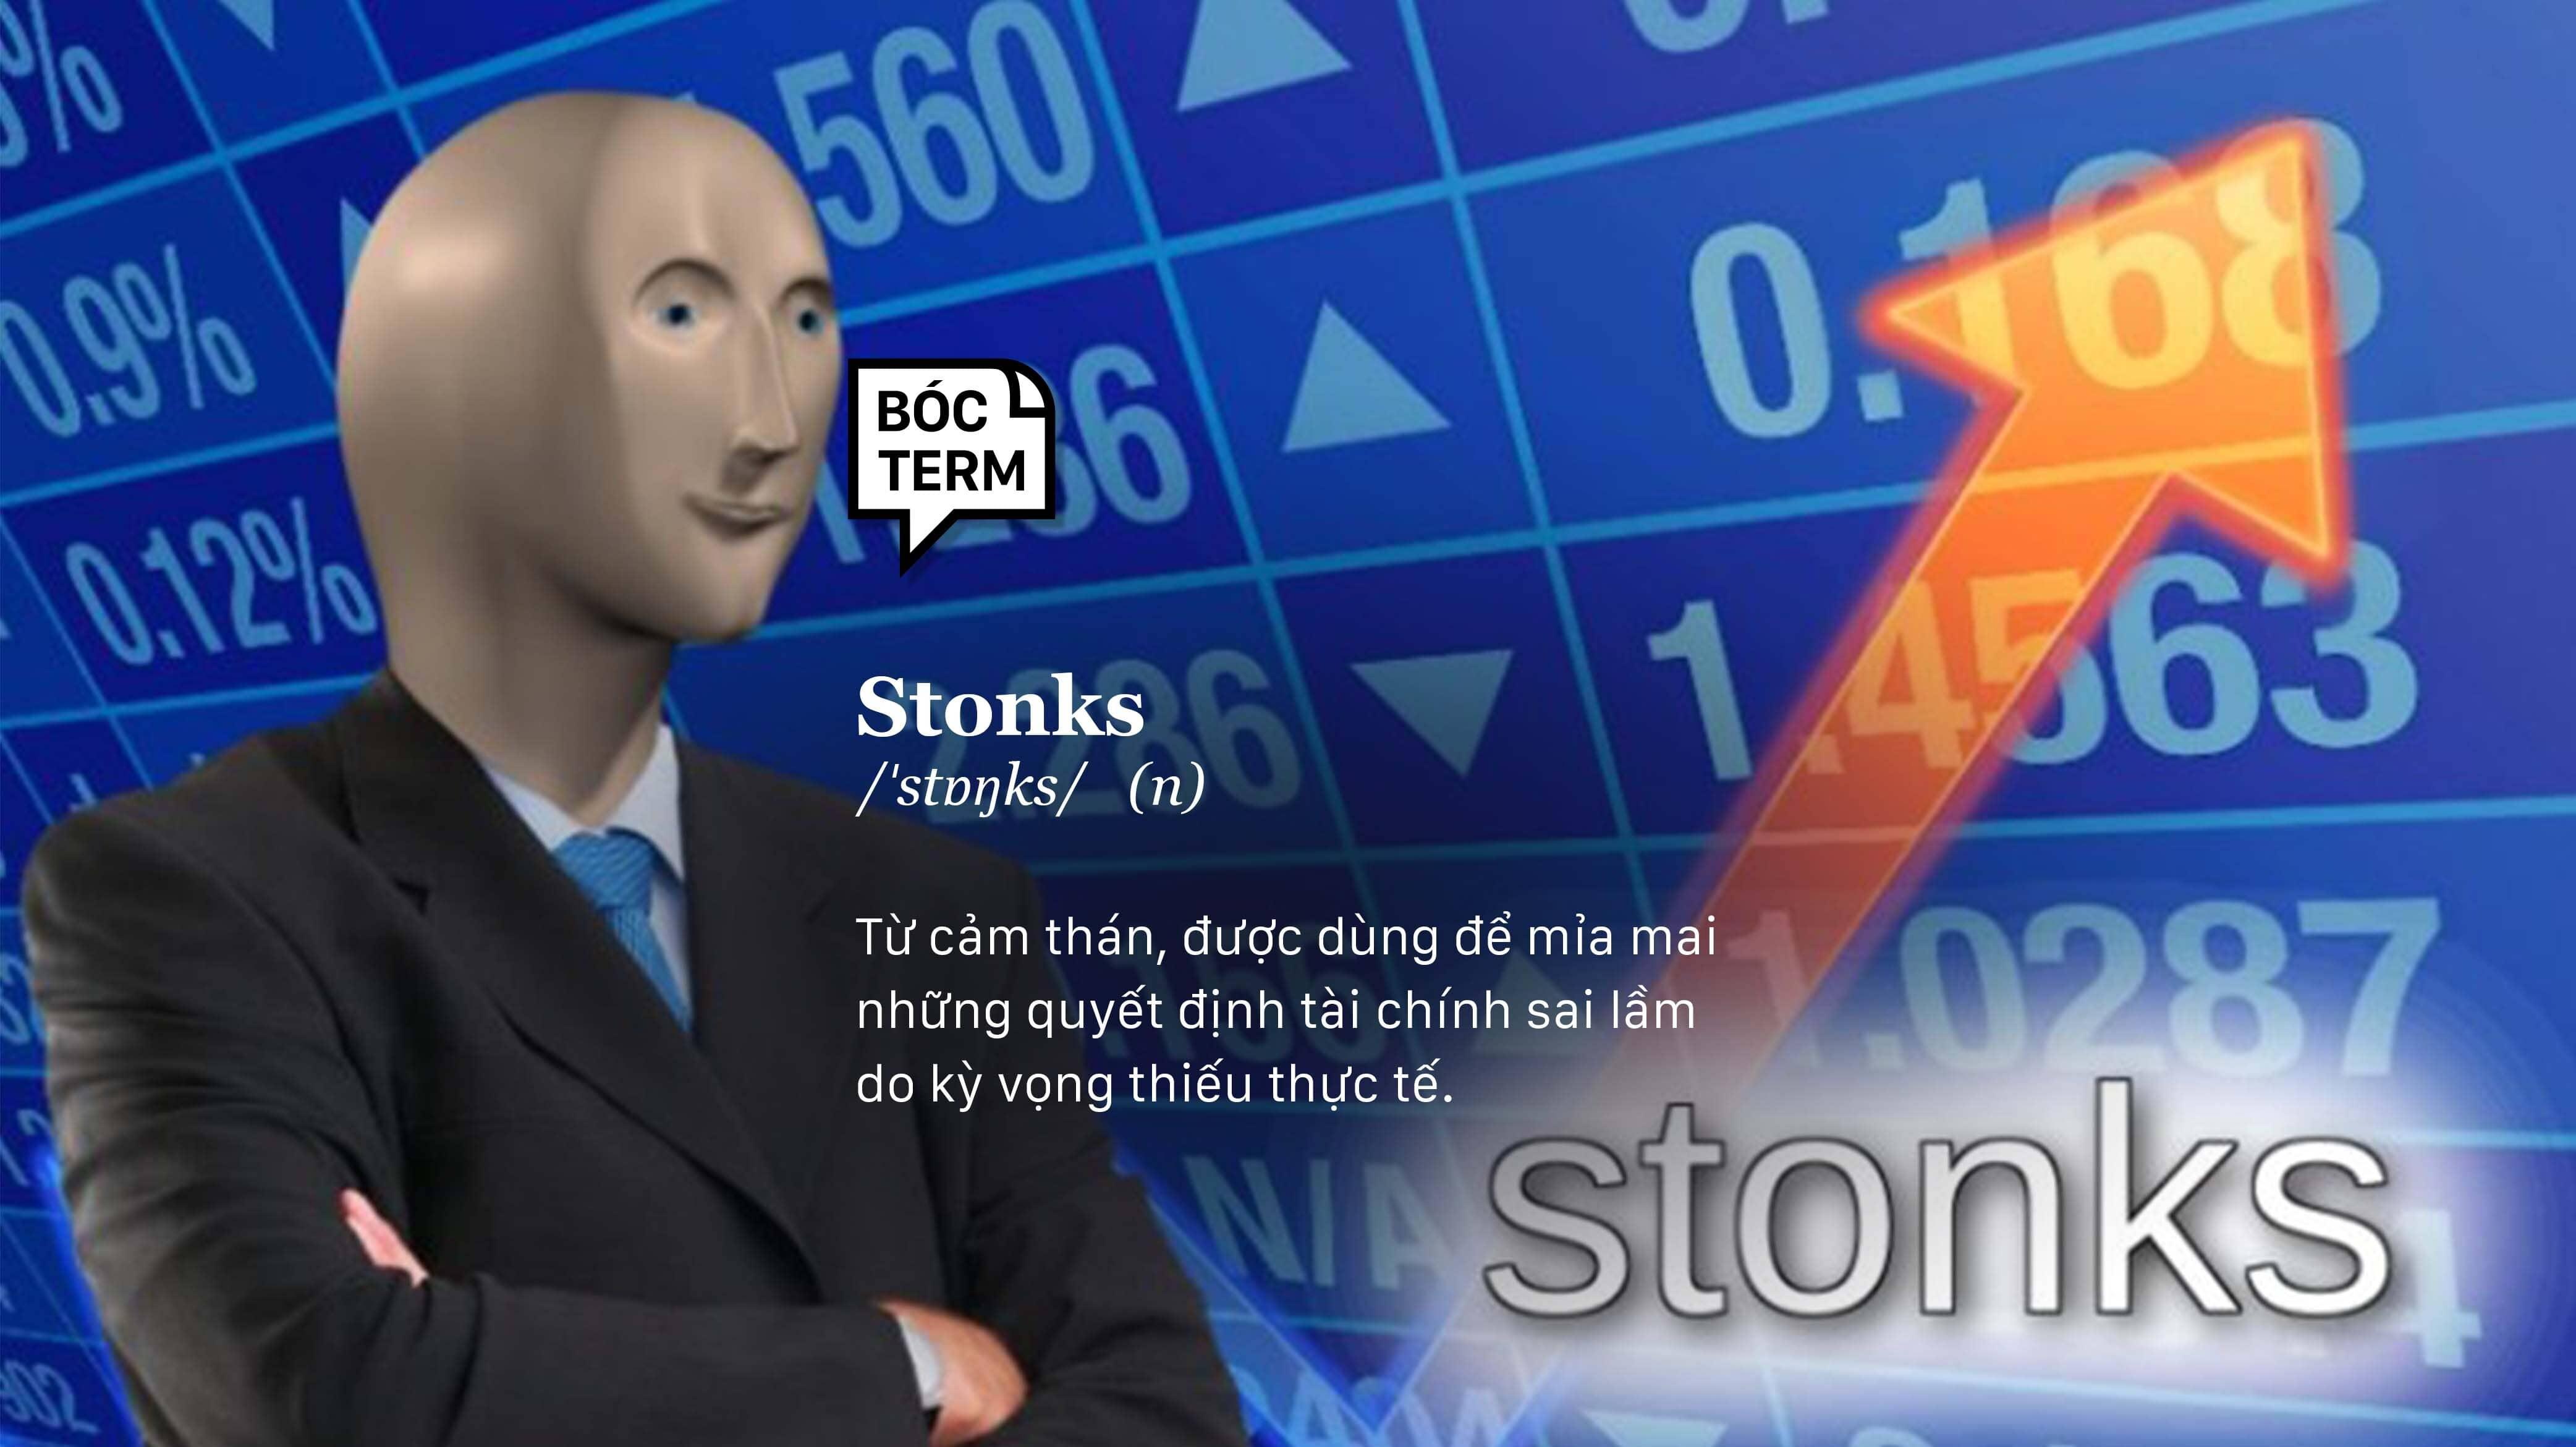 Bóc Term: Stonks là gì mà quá trời meme?